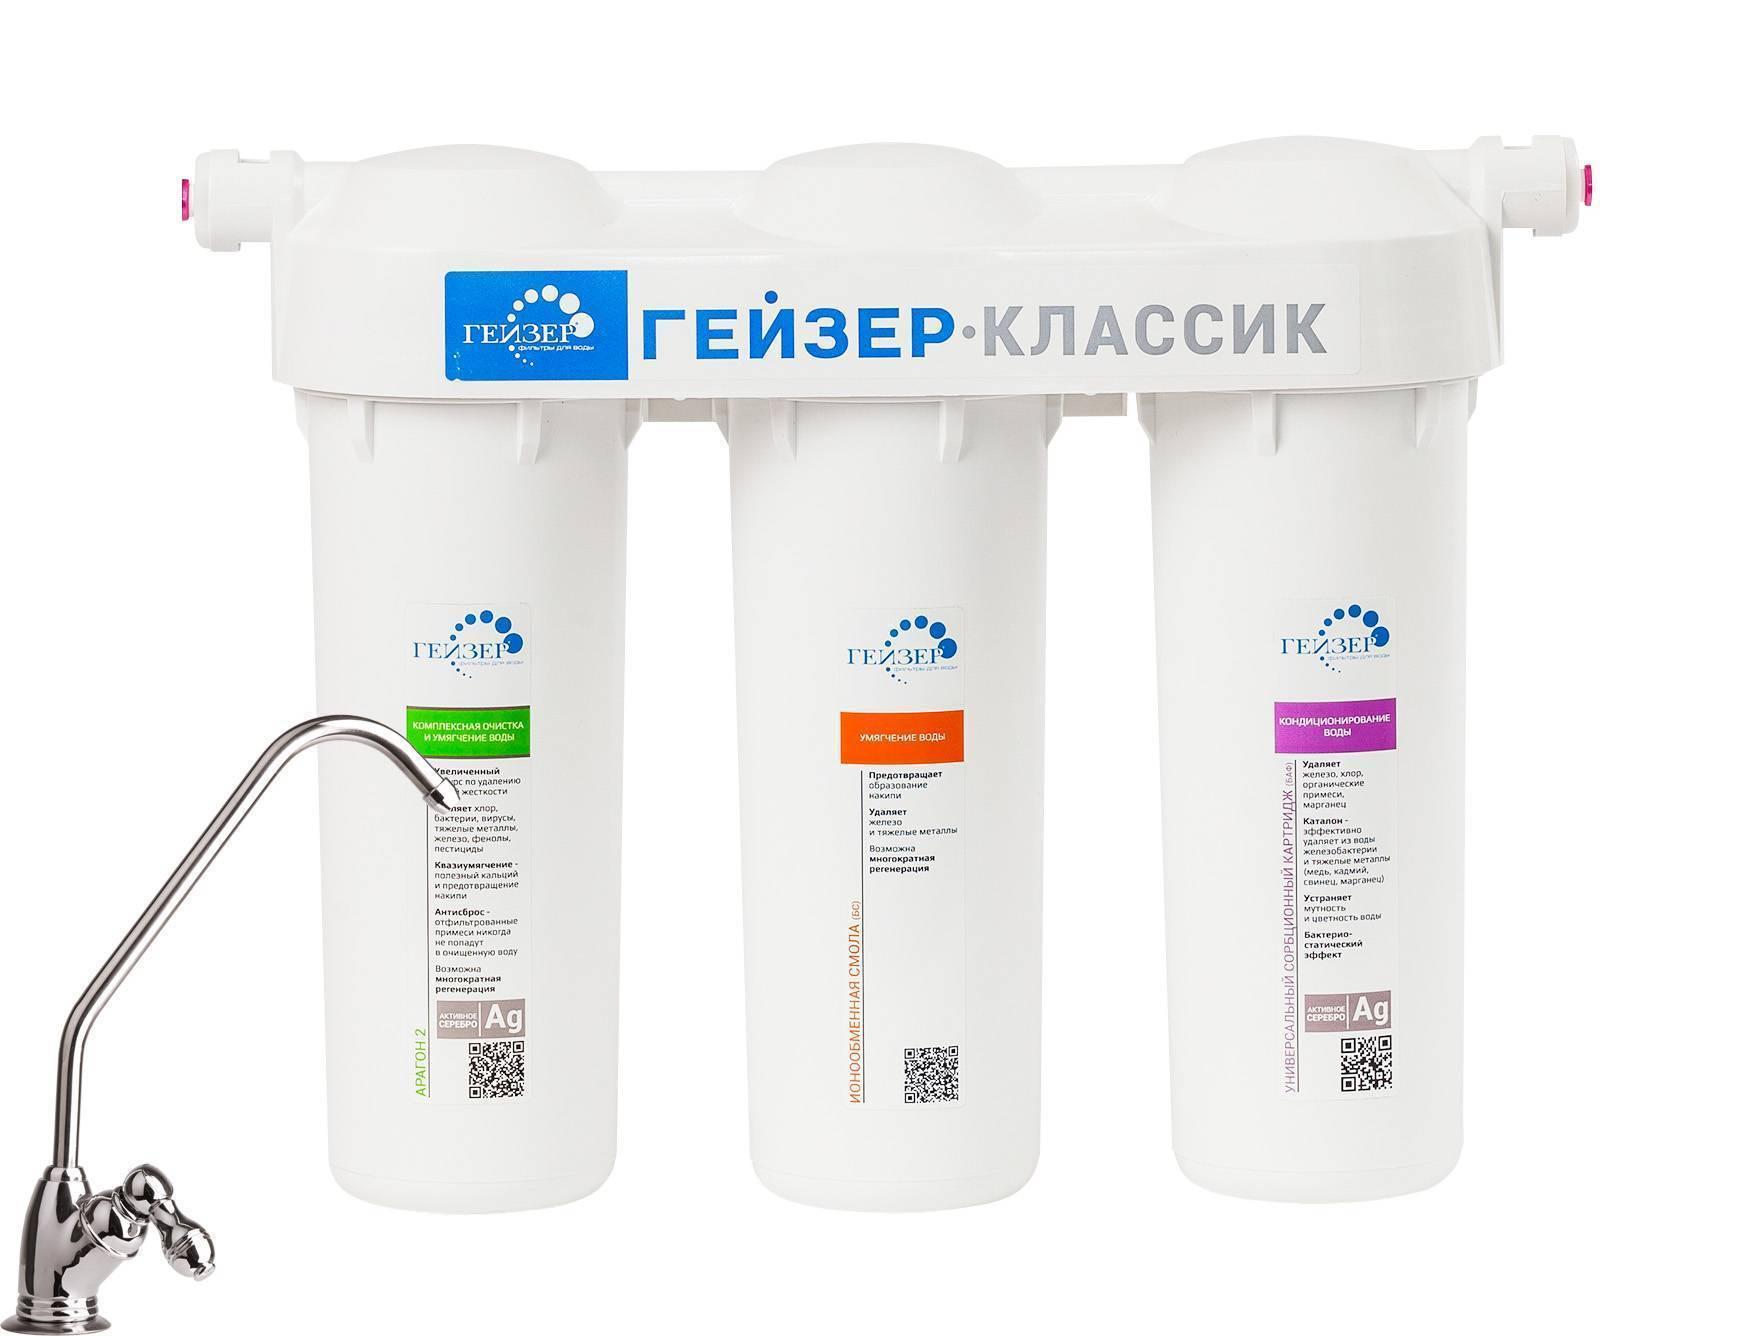 Фильтры для очистки воды магнитные